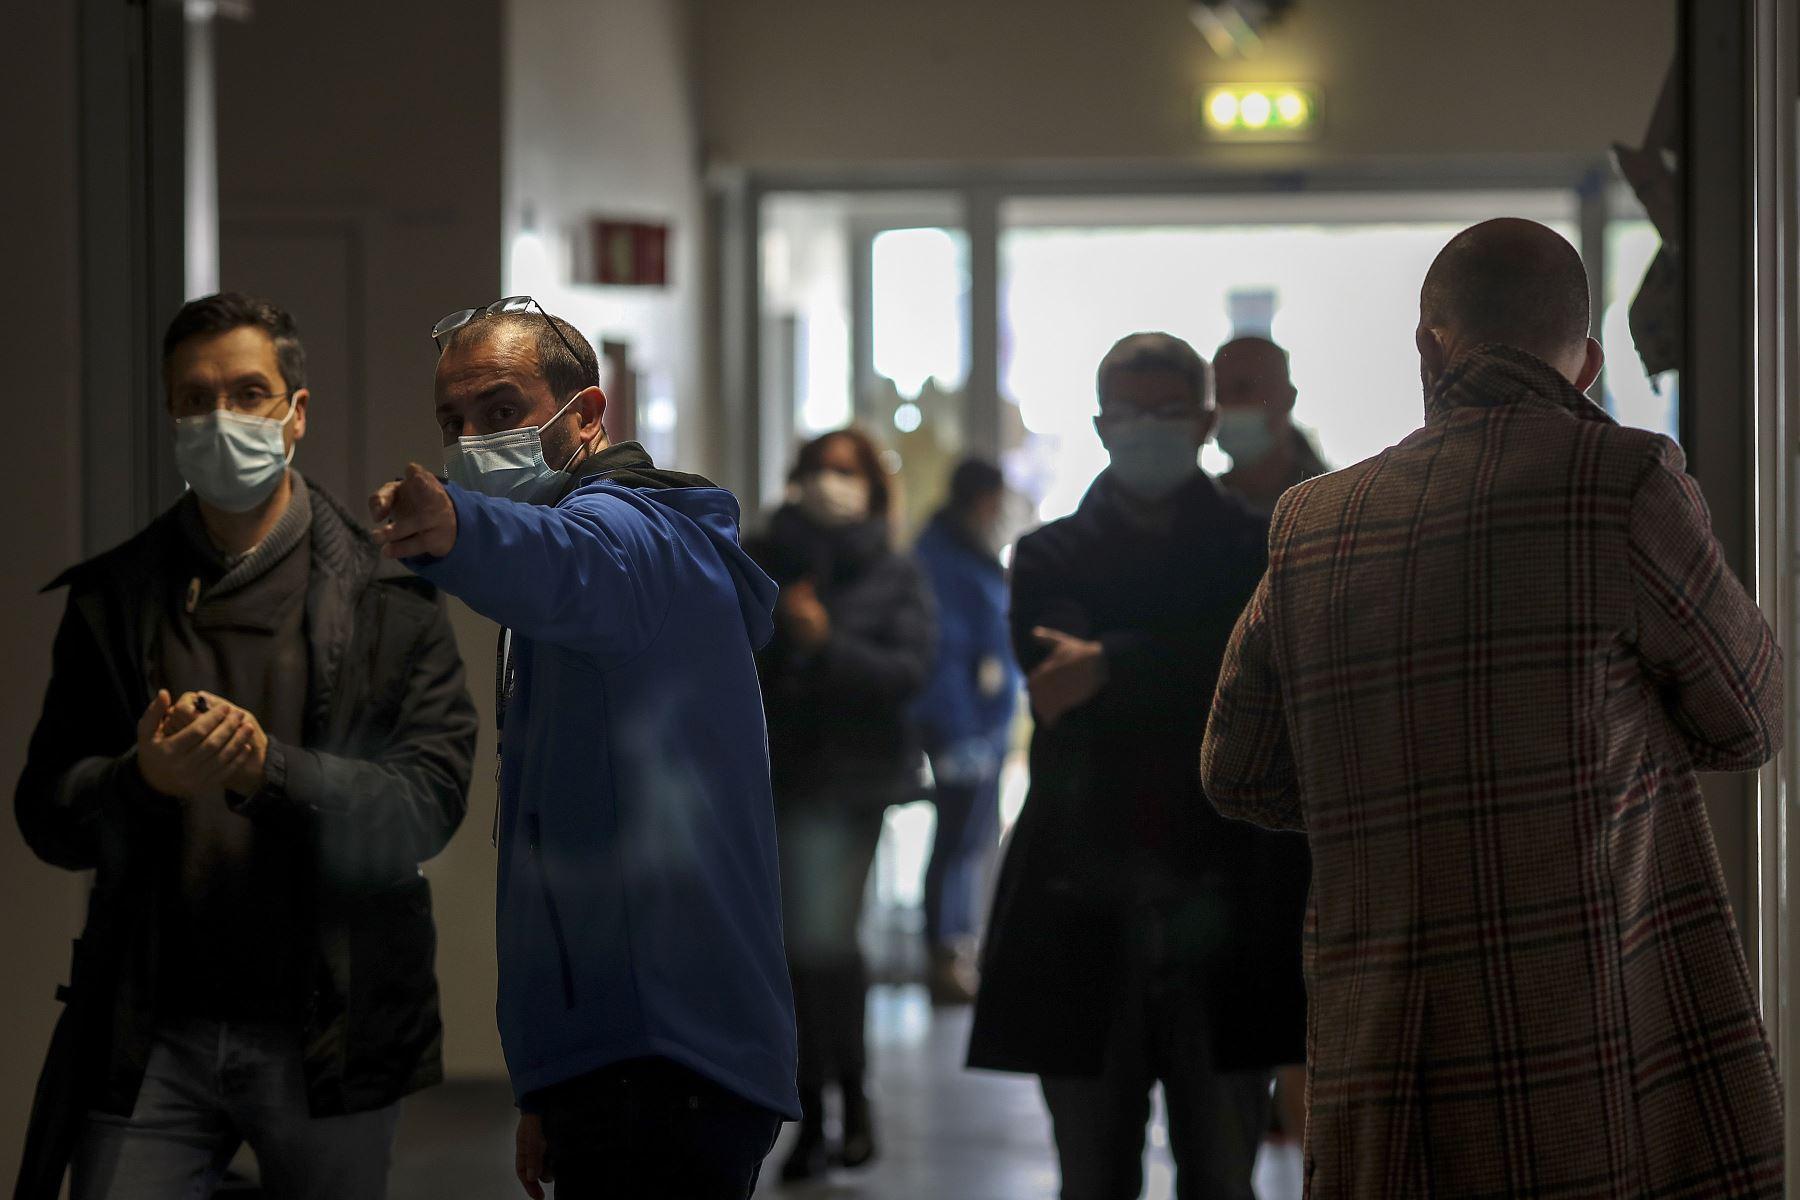 Un trabajador electoral con una máscara facial dirige a un votante a su centro de votación en las elecciones presidenciales portuguesas en una escuela en el Parque das Nações en Lisboa, Los portugueses votan hoy para las elecciones presidenciales.